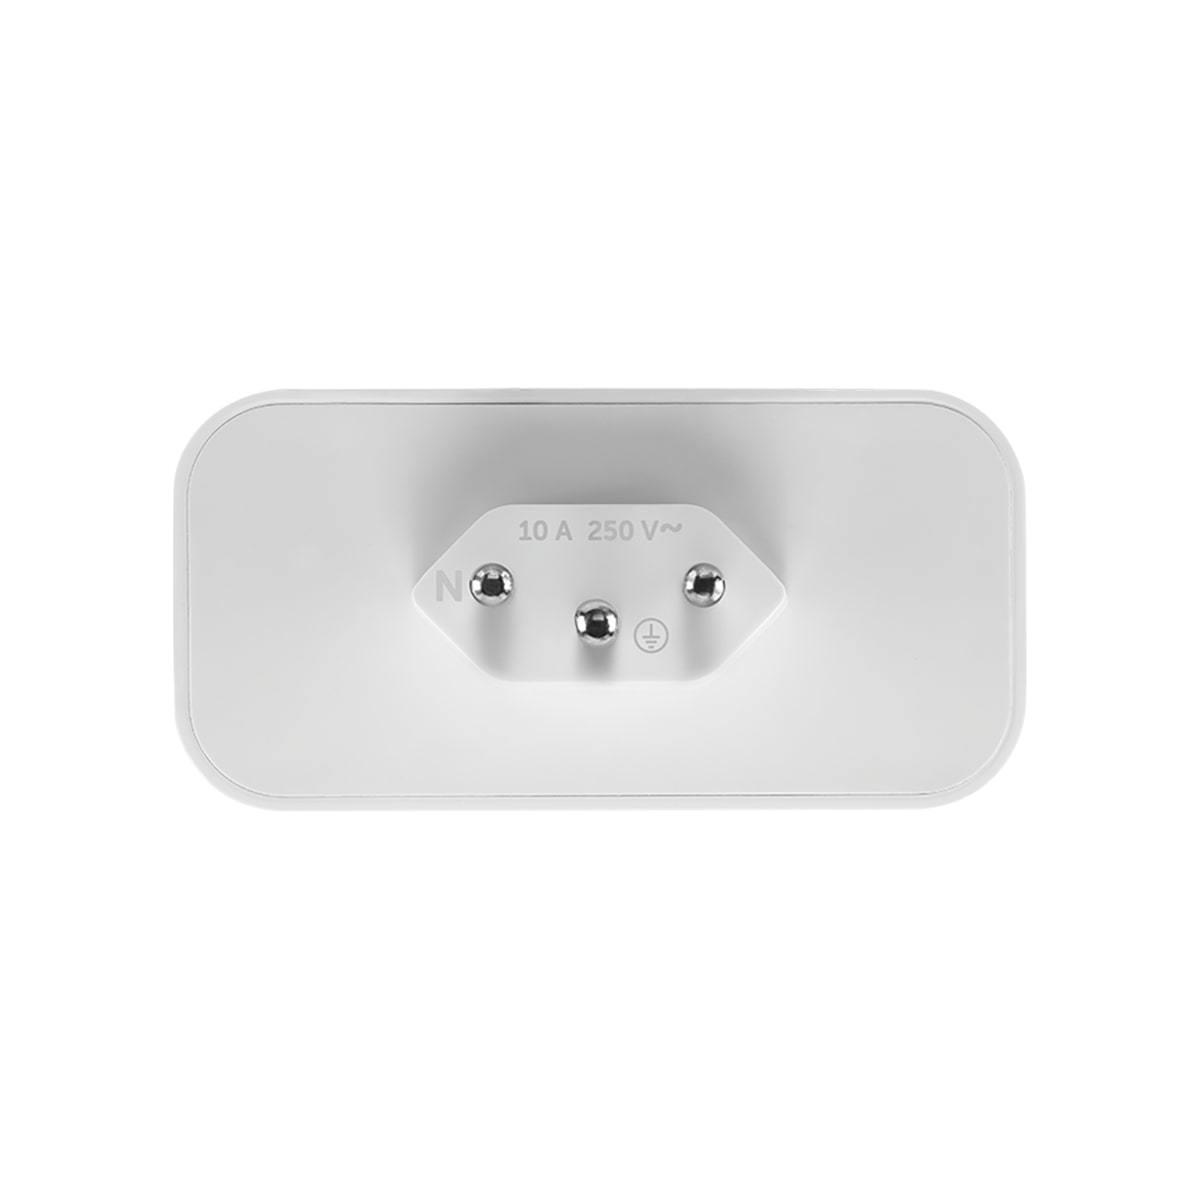 Interruptor Conector Inteligente Wi-Fi Intelbras EWS 301